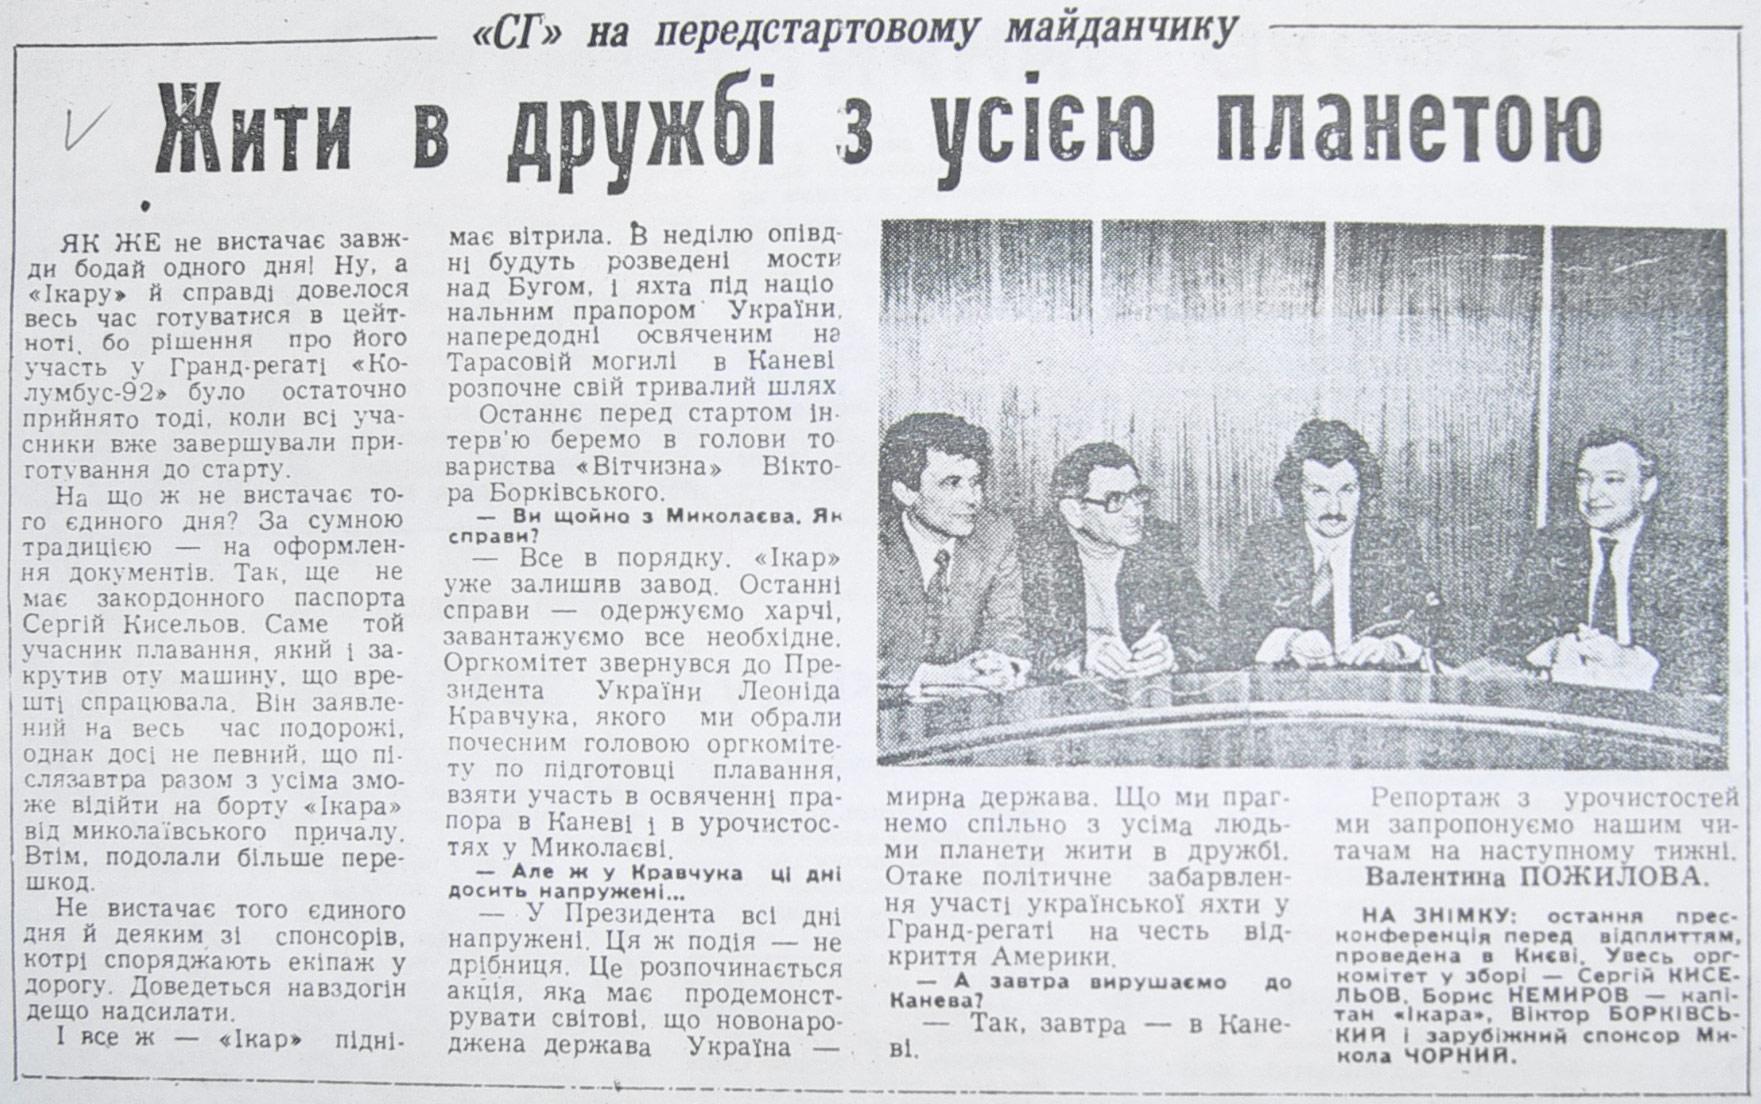 газета правда от 3 октября 2006 года: